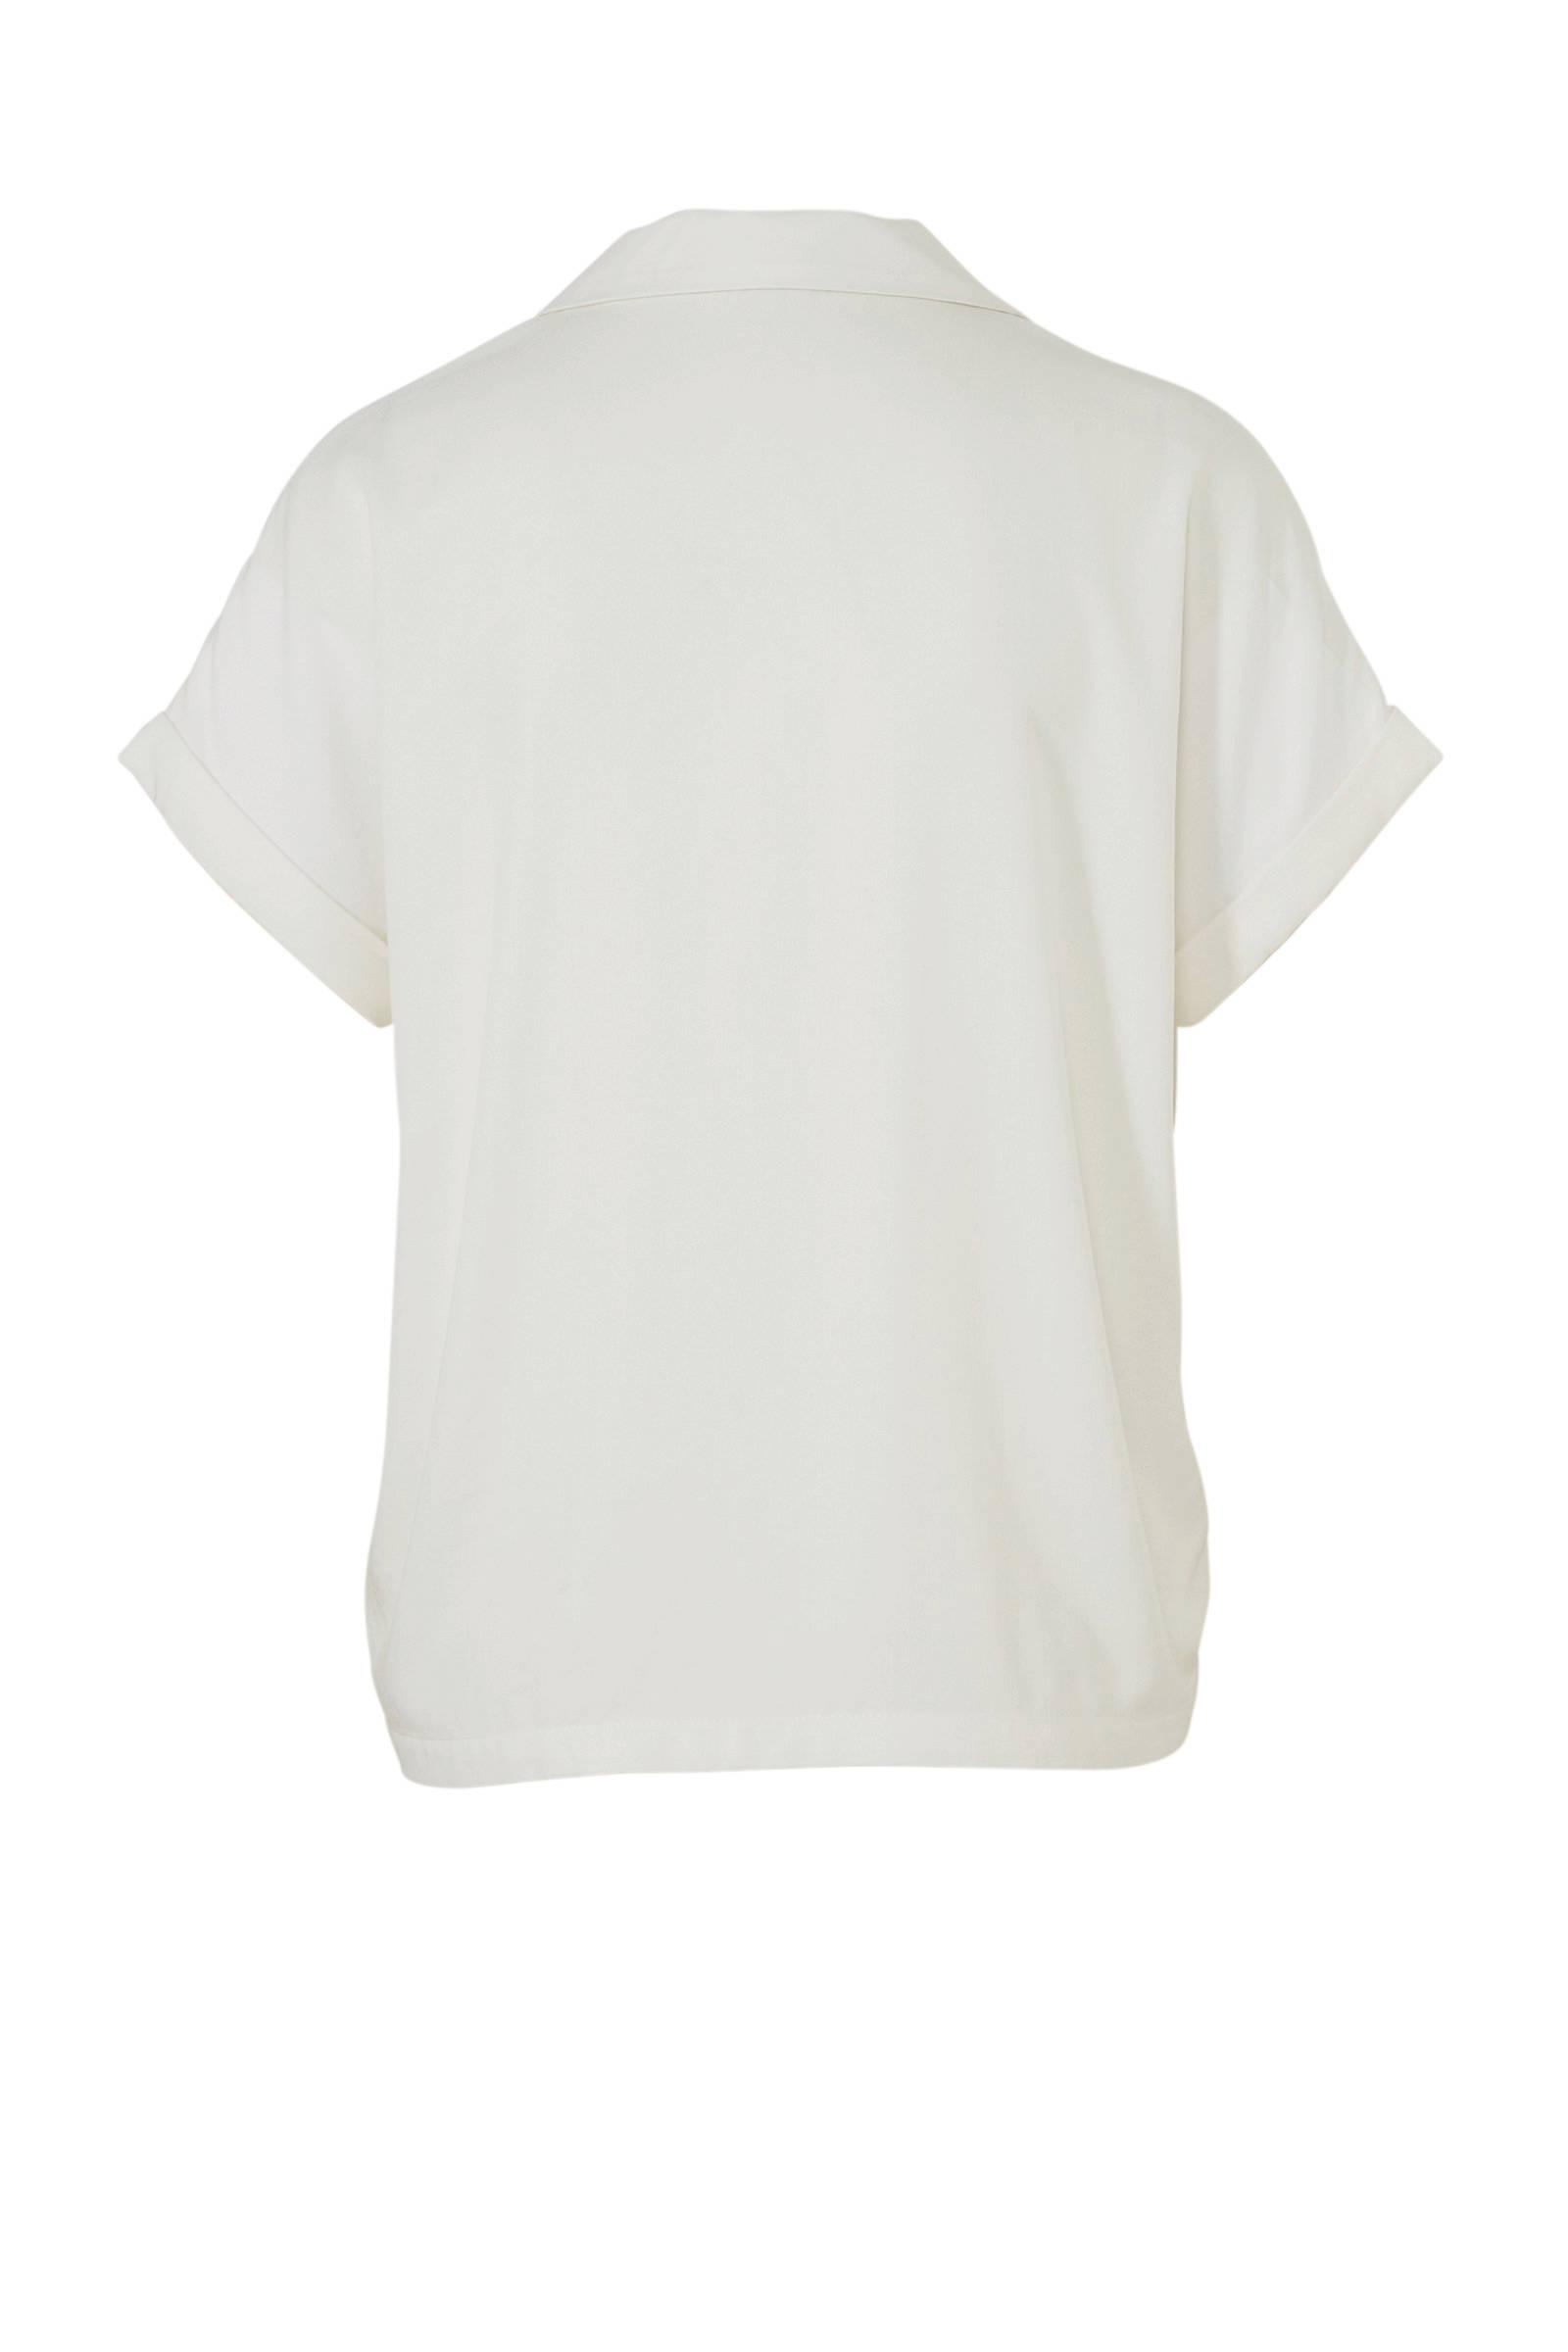 DE JACQUELINE ecru YONG blouse DE JACQUELINE 7zE4wxz